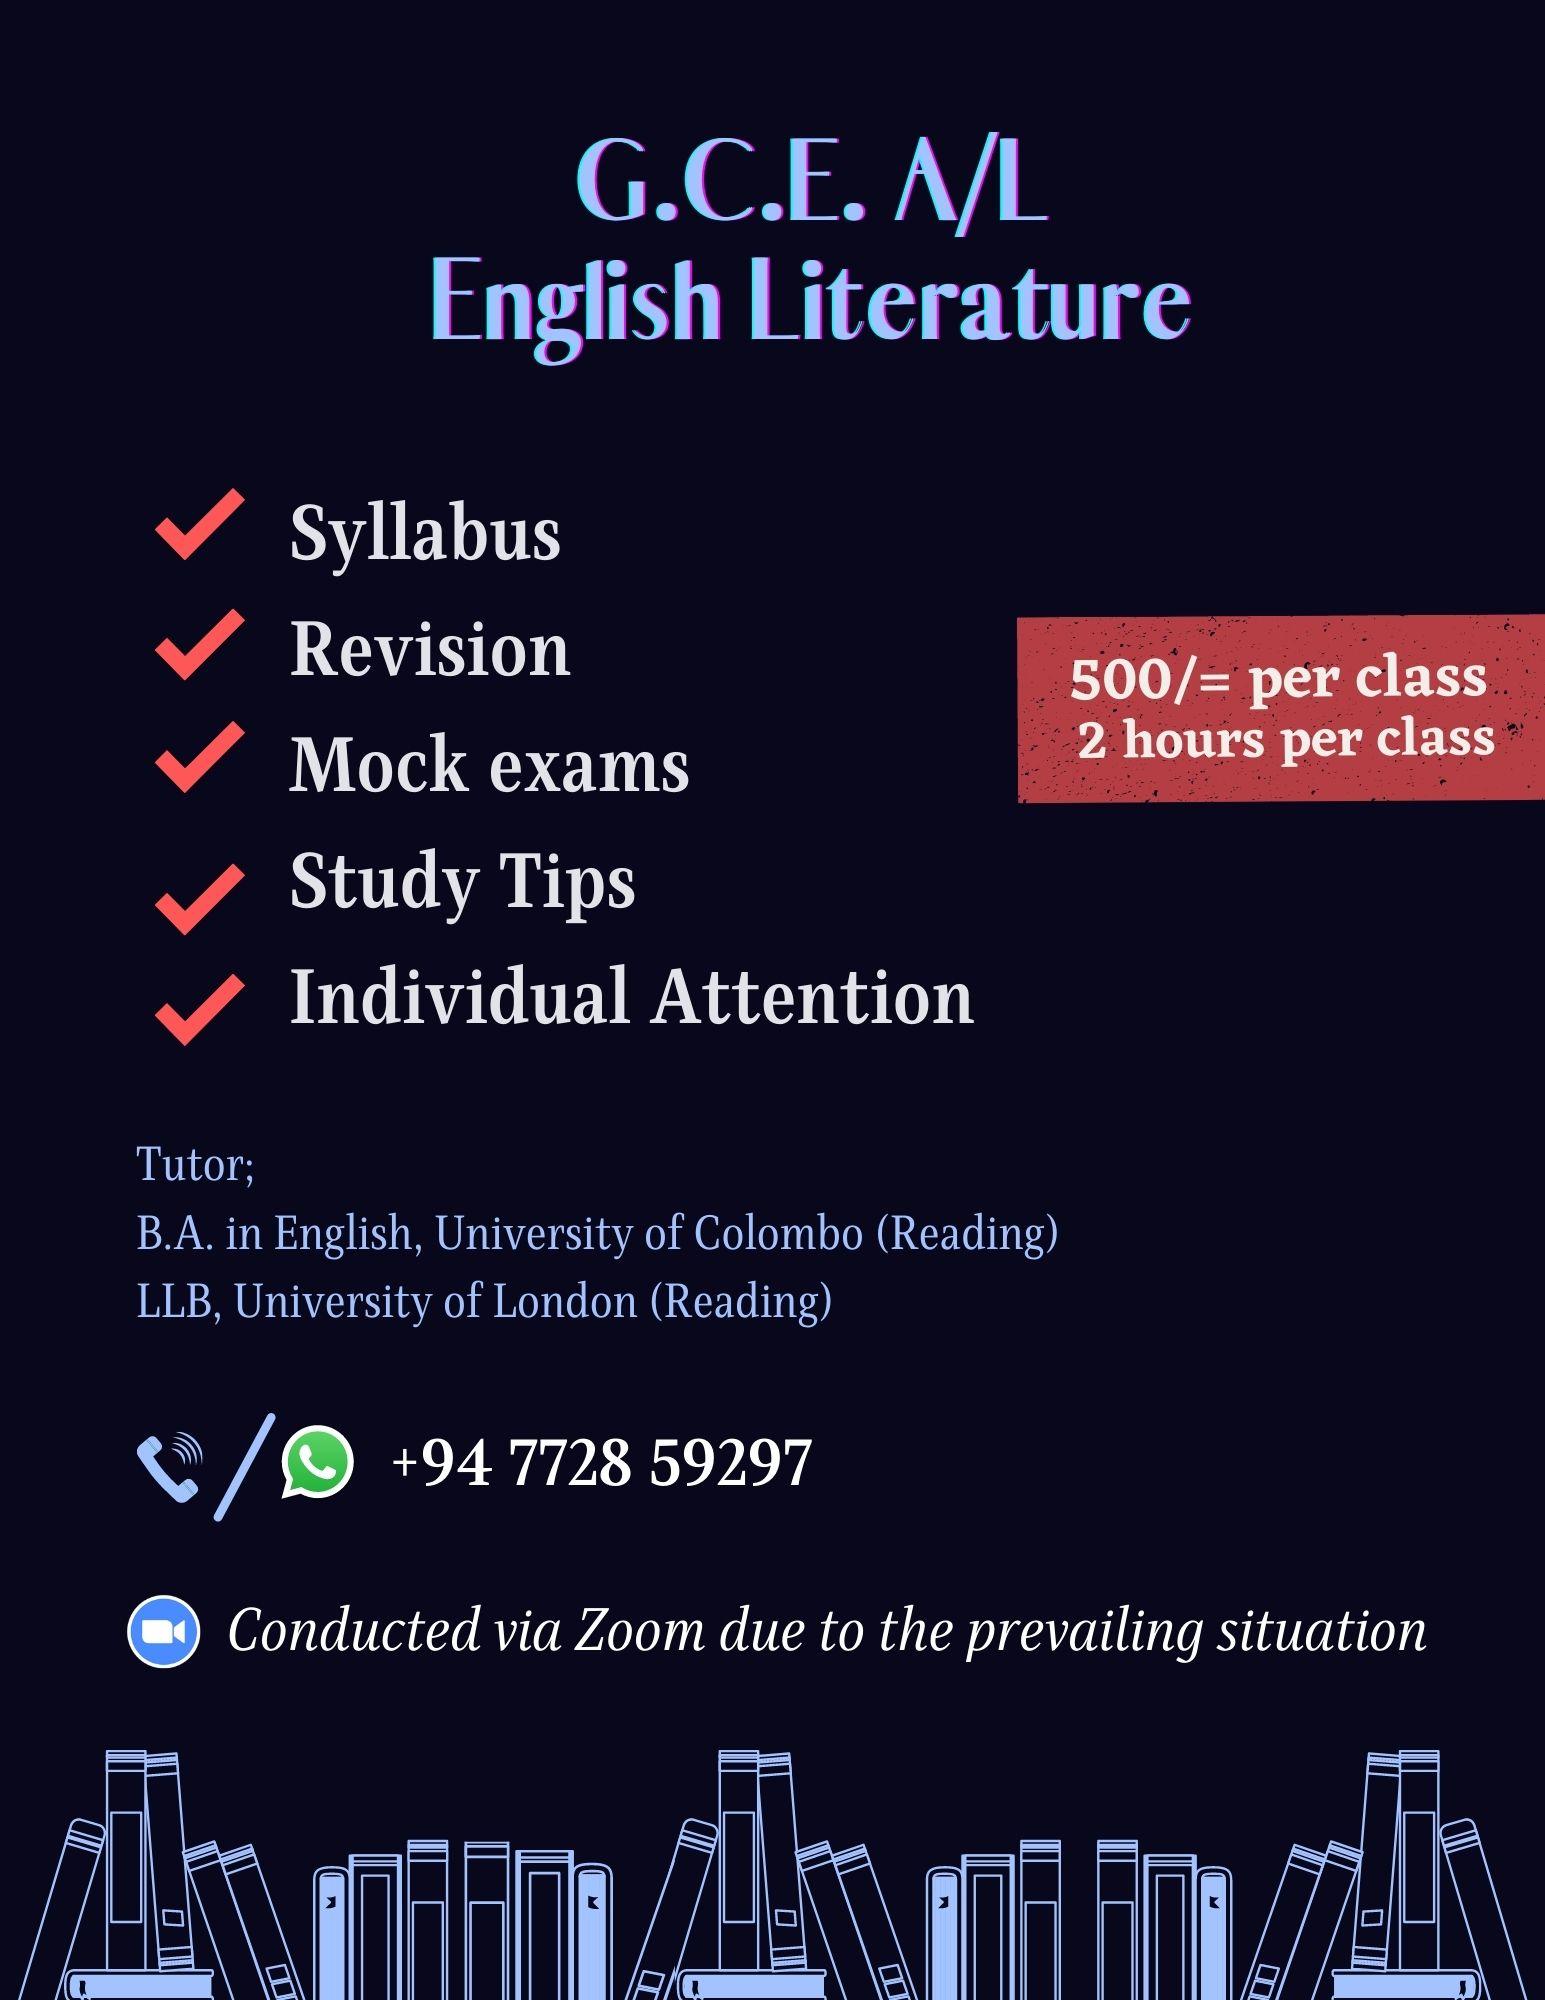 GCE A/L (AL) English Literature